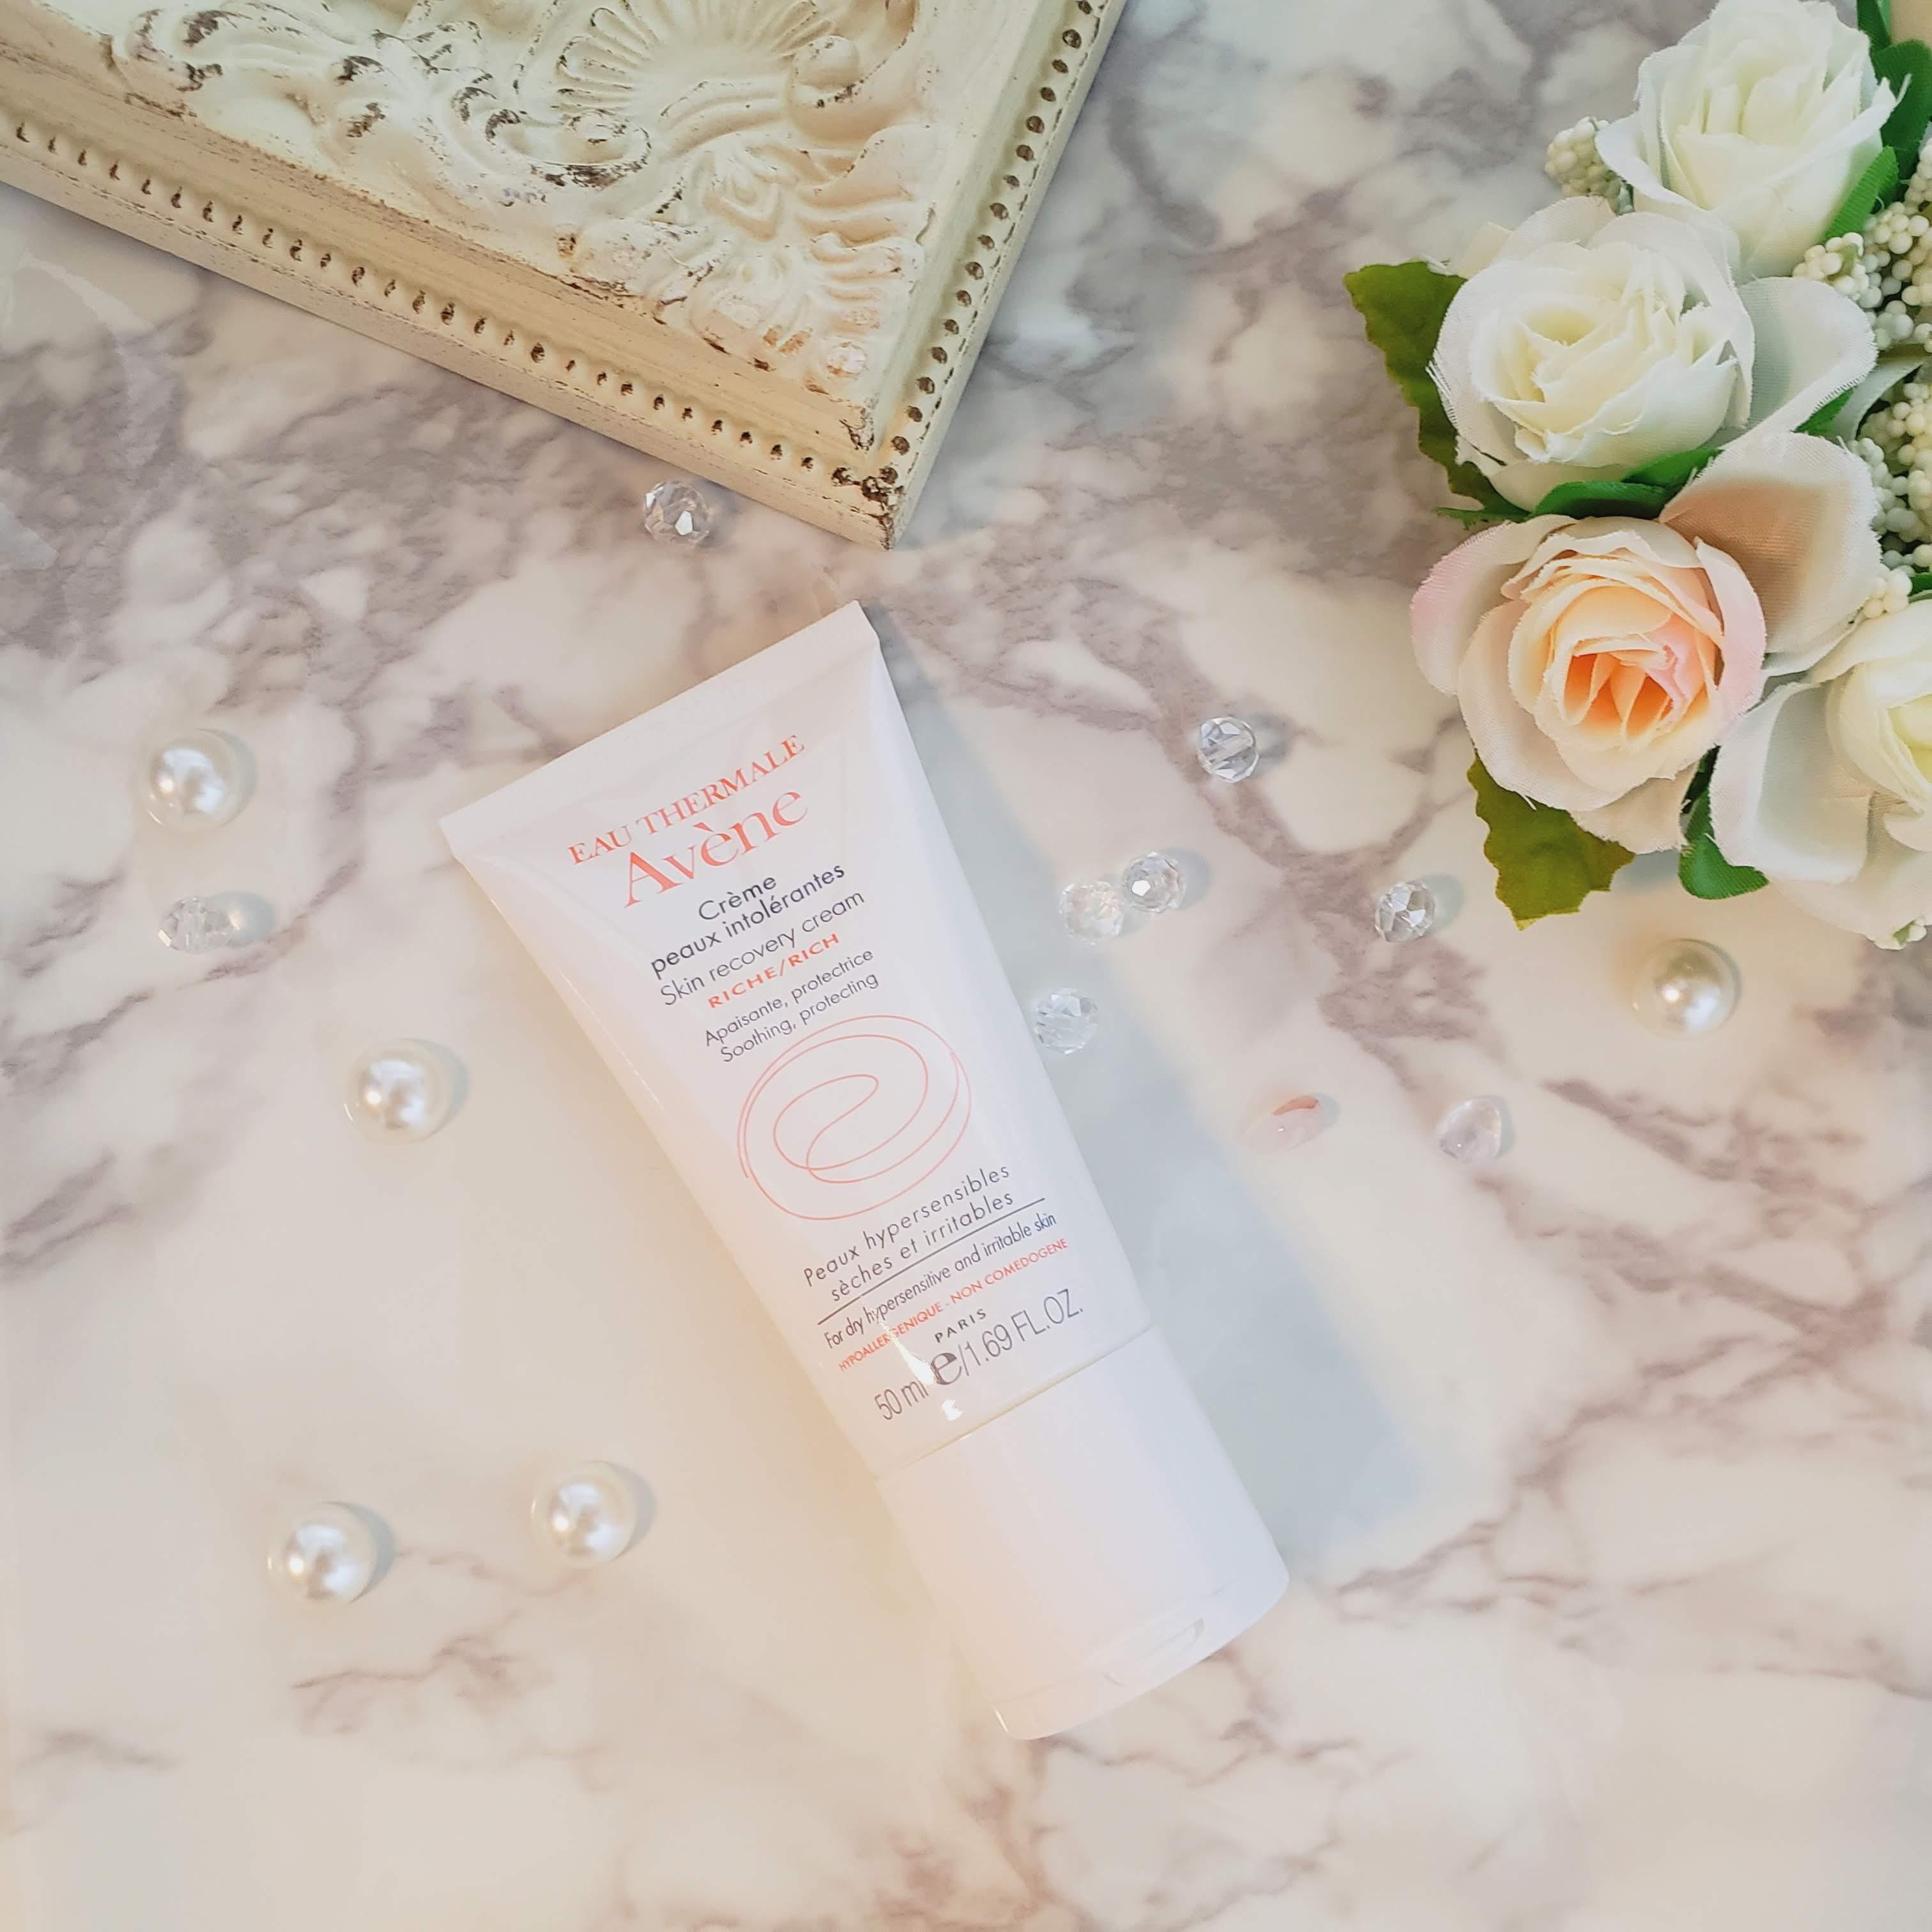 お肌が敏感な時に試してほしい、お肌に優しい保湿クリーム2選